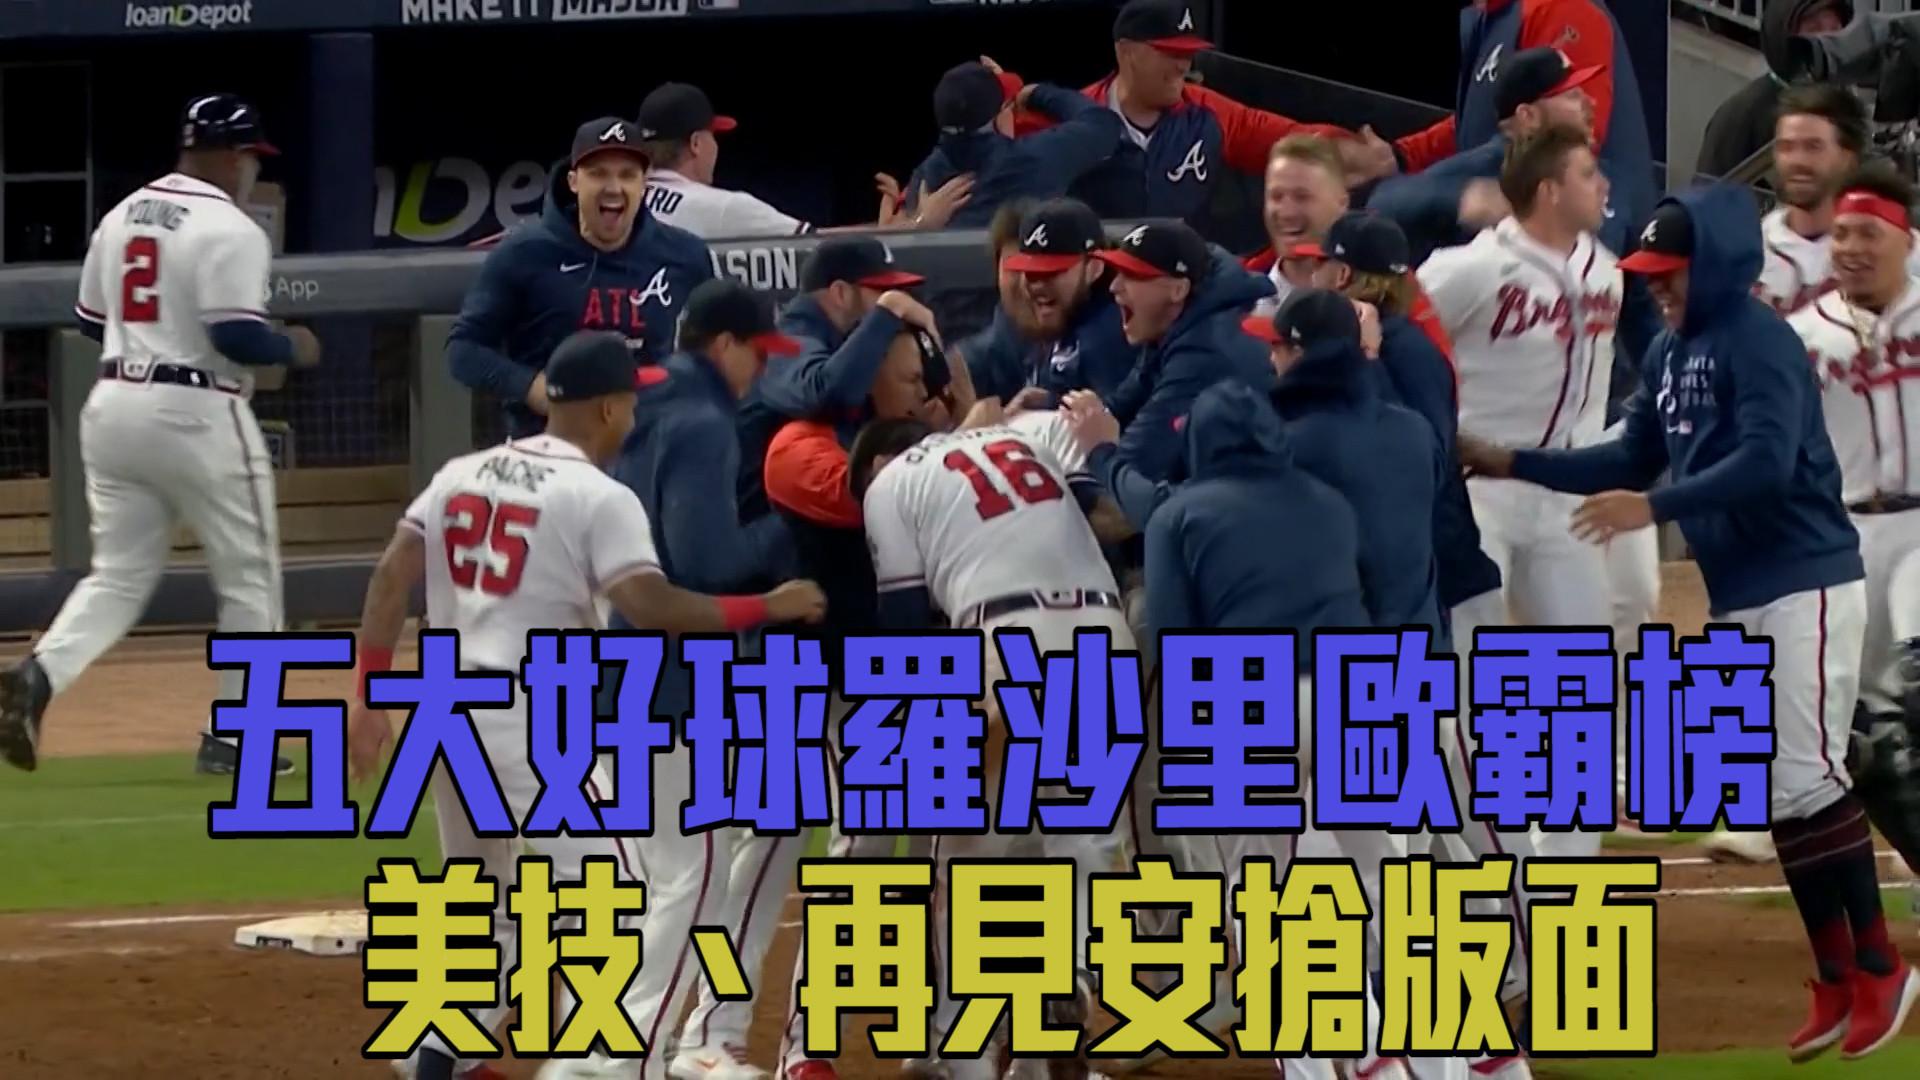 【MLB看愛爾達】羅沙里歐個人秀!五大好球搶三席 10/18